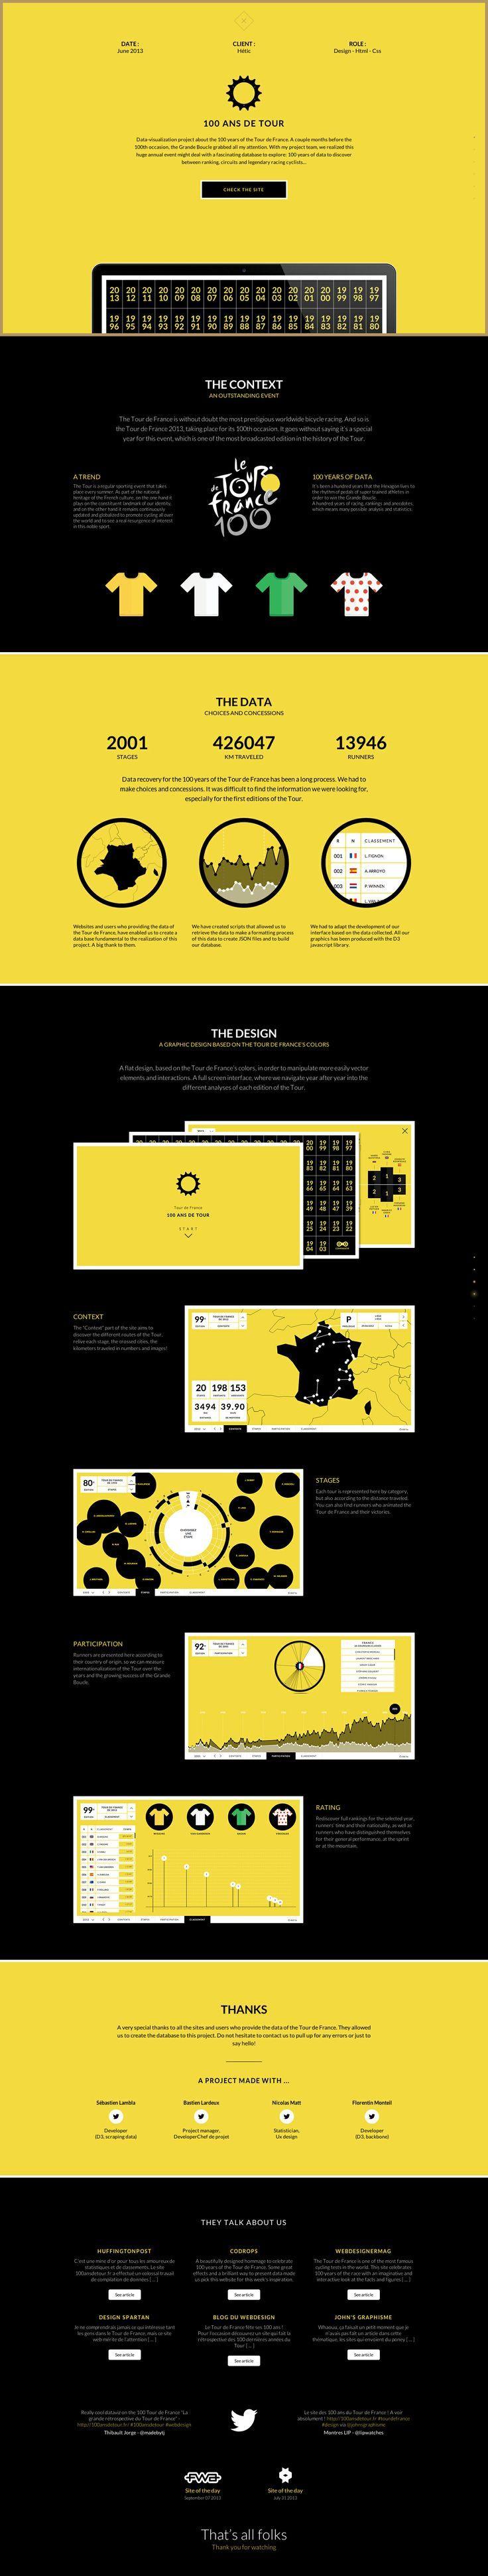 Unique Web Design, 100 Ans de Tour #WebDesign #Design (http://www.pinterest.com/aldenchong/)